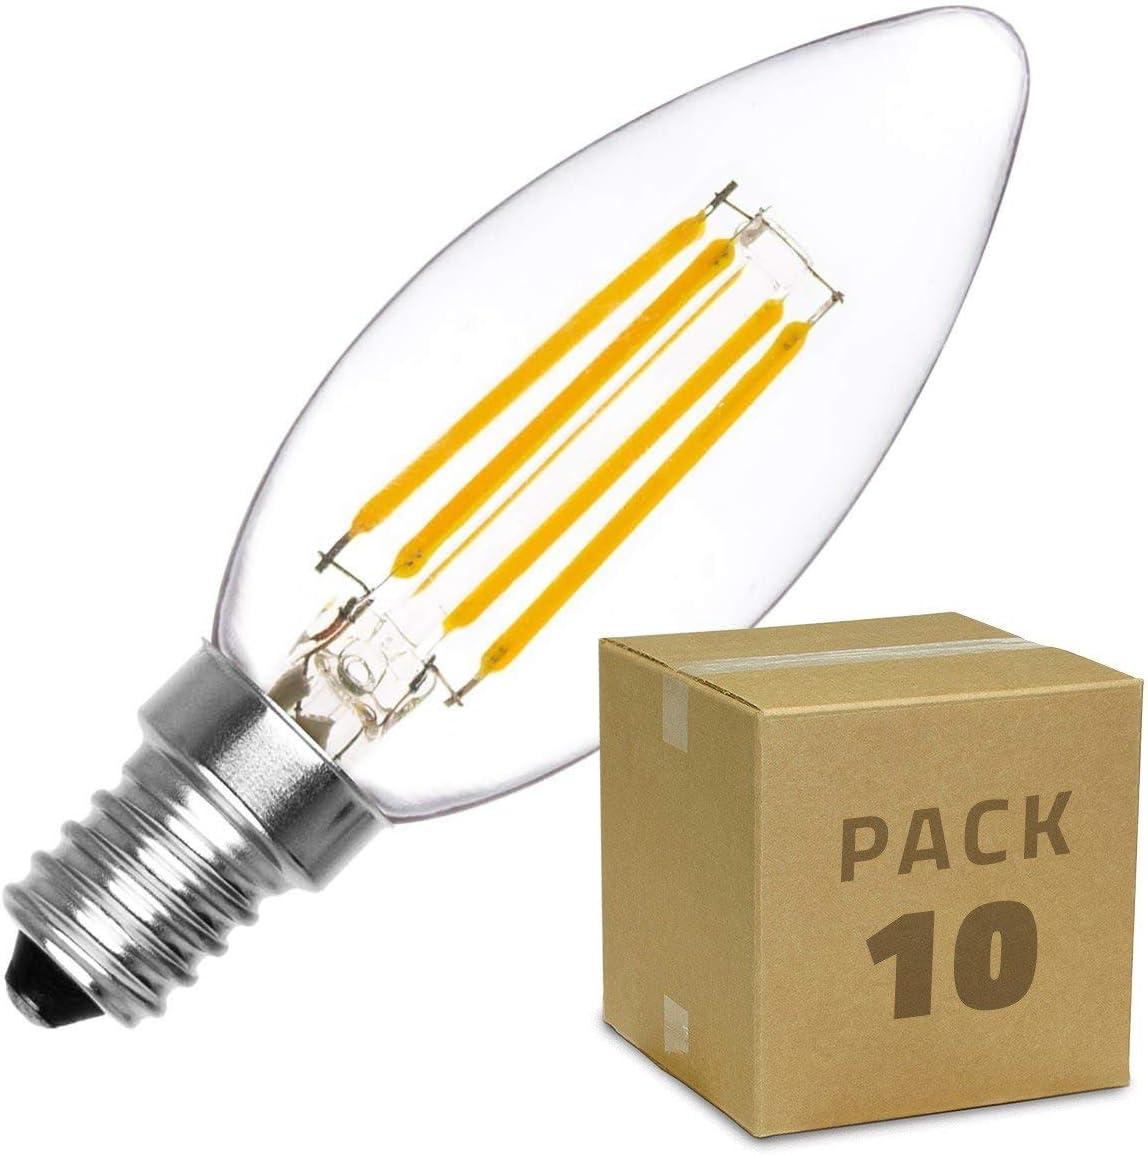 LEDKIA LIGHTING Pack Bombilla LED E14 Casquillo Fino Filamento Classic C35 2W (10 un) Blanco Cálido 2000K - 2500K: Amazon.es: Iluminación